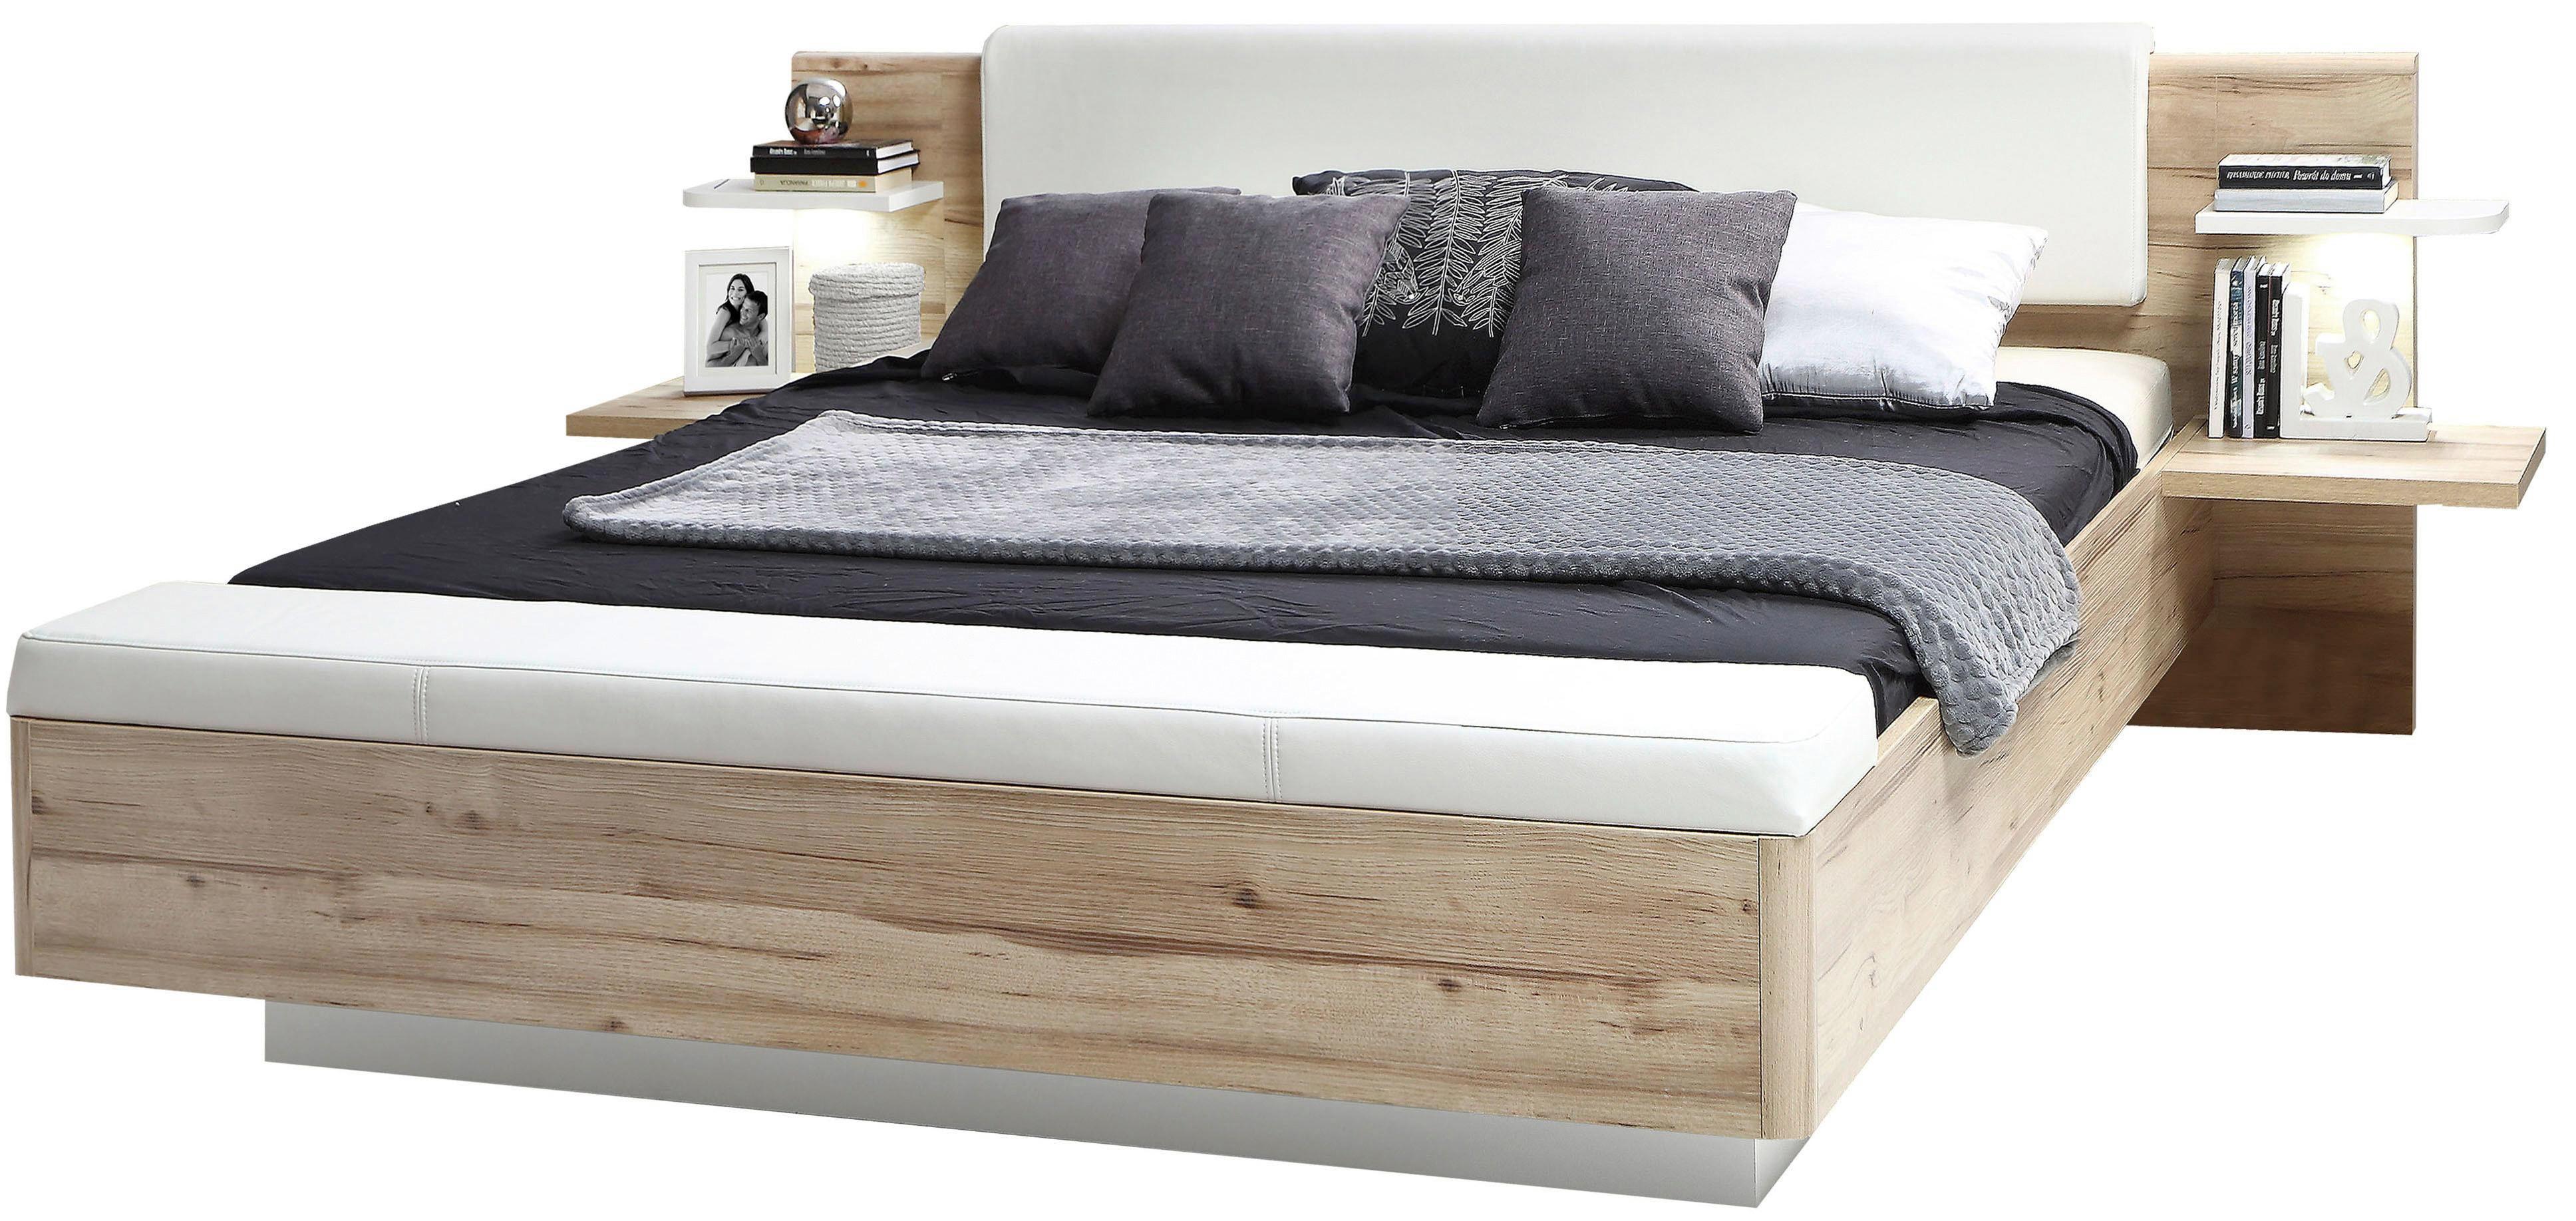 Betten ǀ Moderne Gunstige Betten Kaufen Xxxlutz